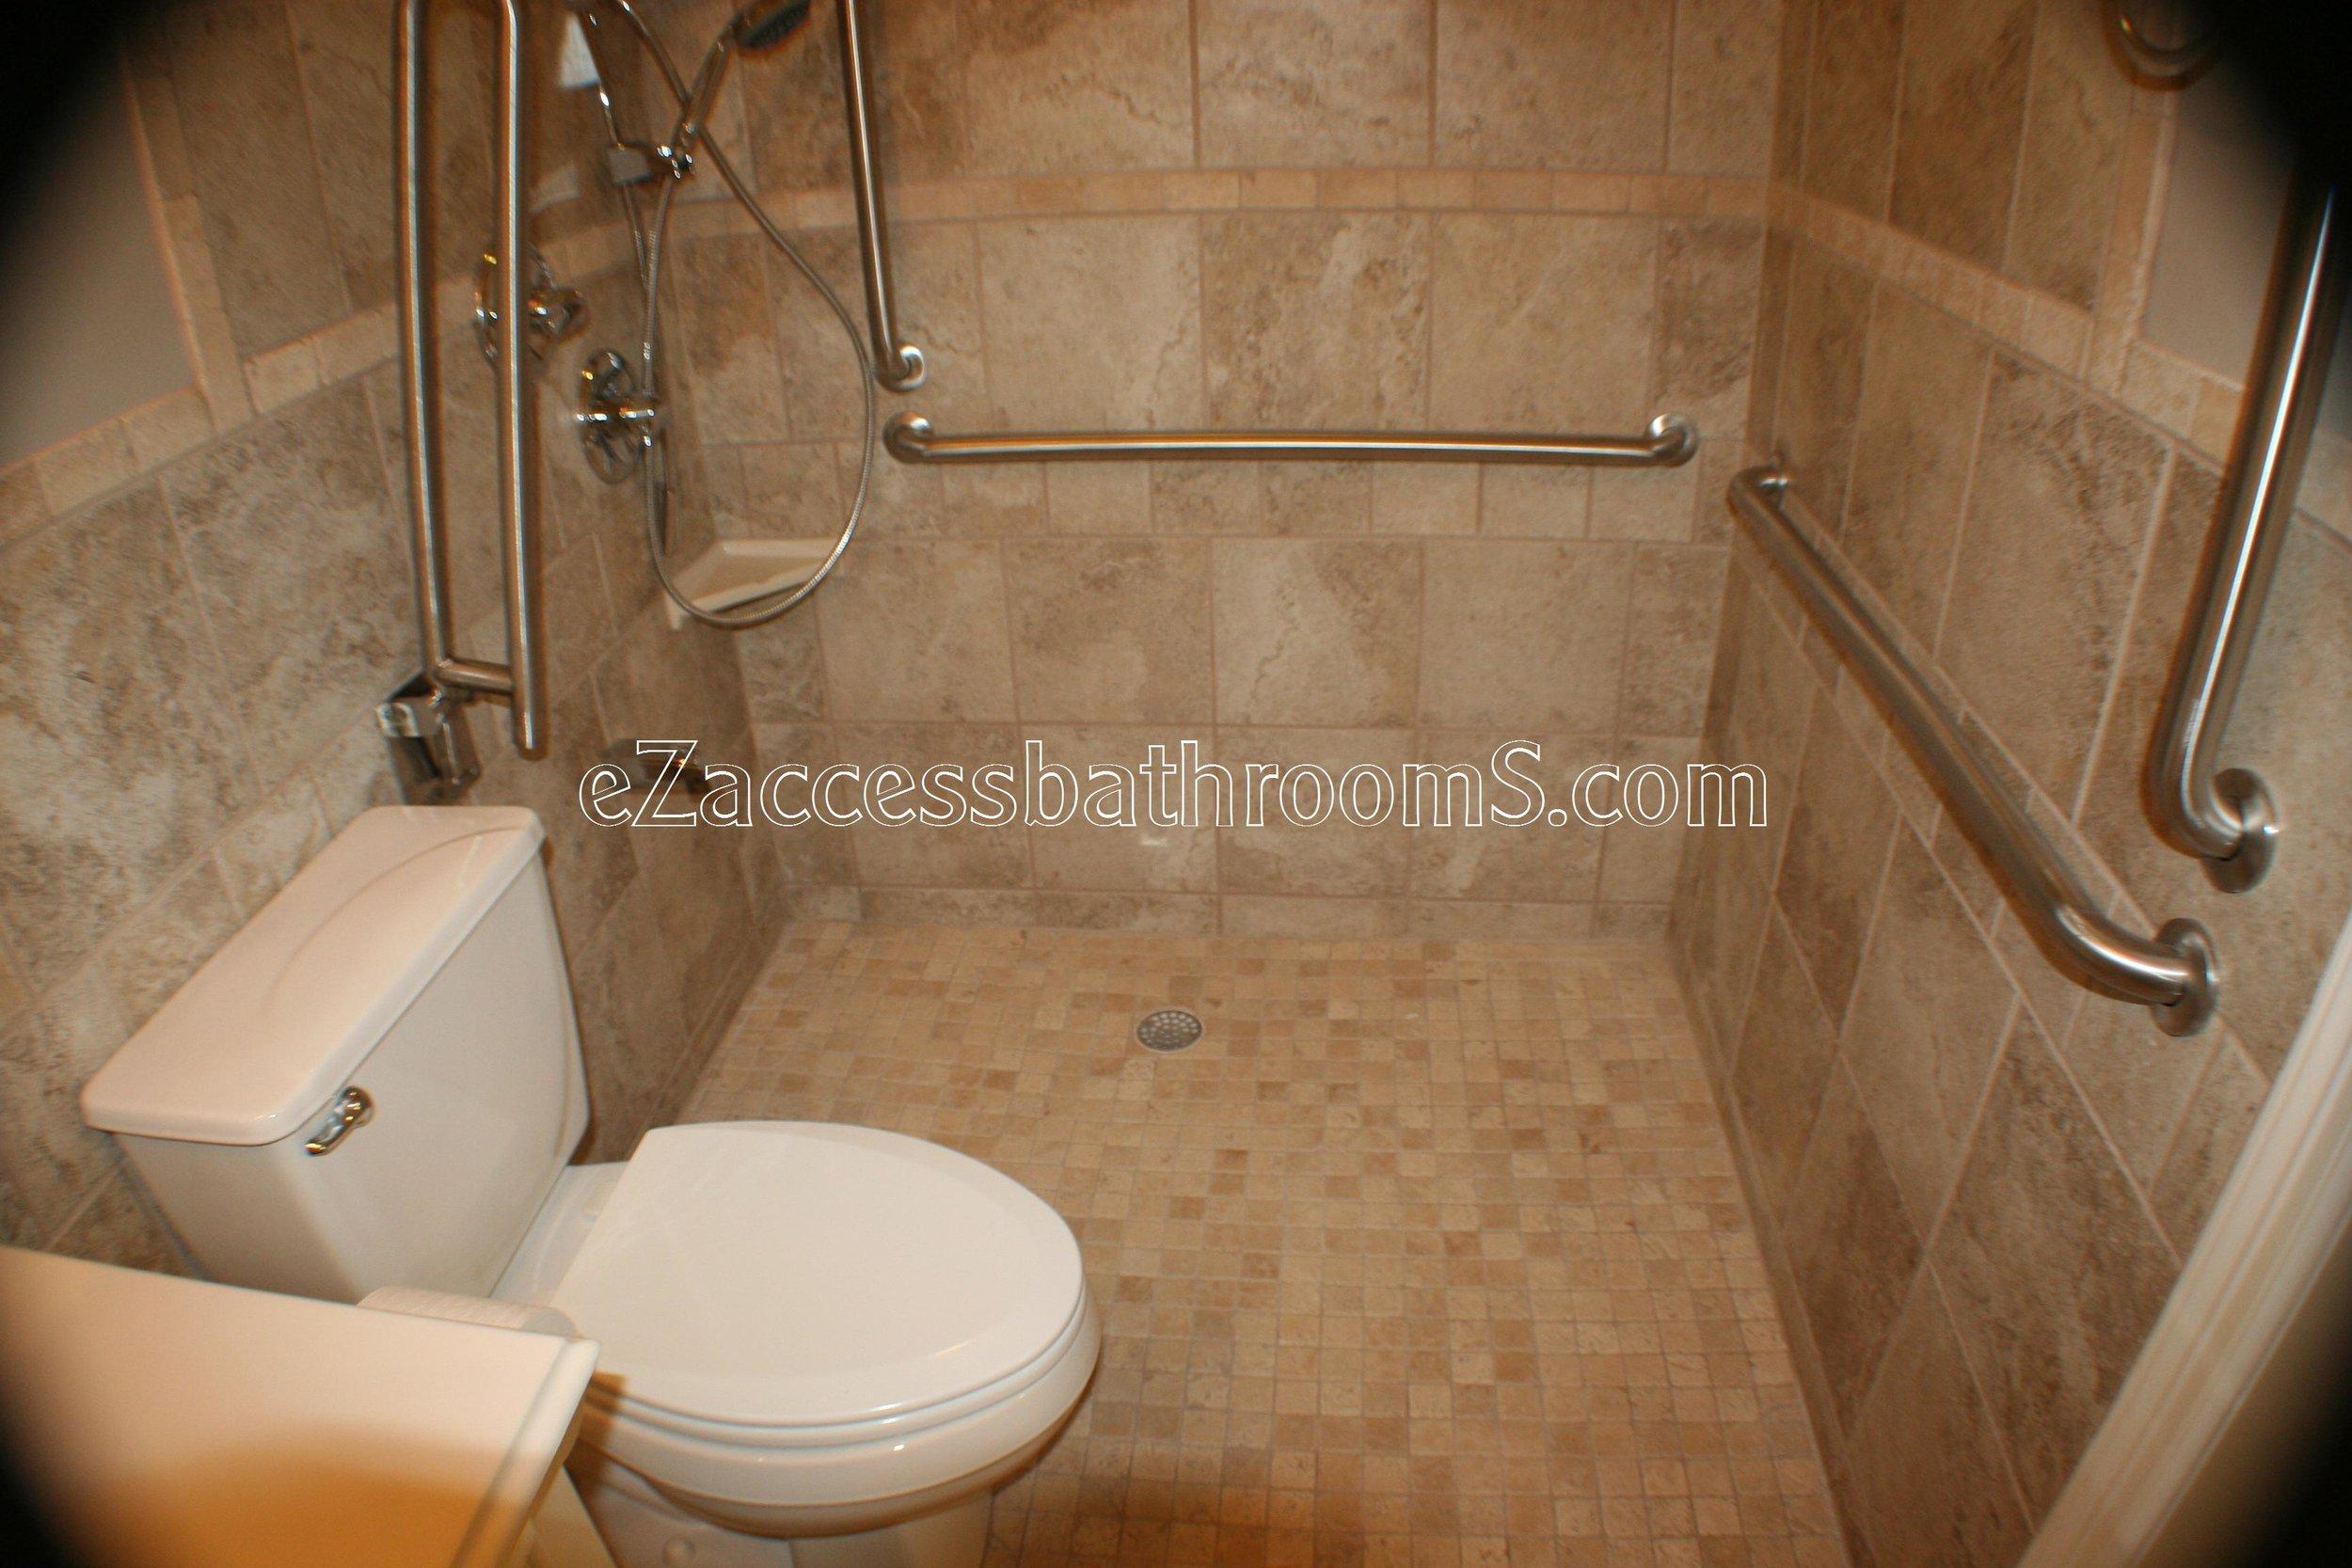 handicap bathroom 01 ezacessbathrooms.com 009.jpg